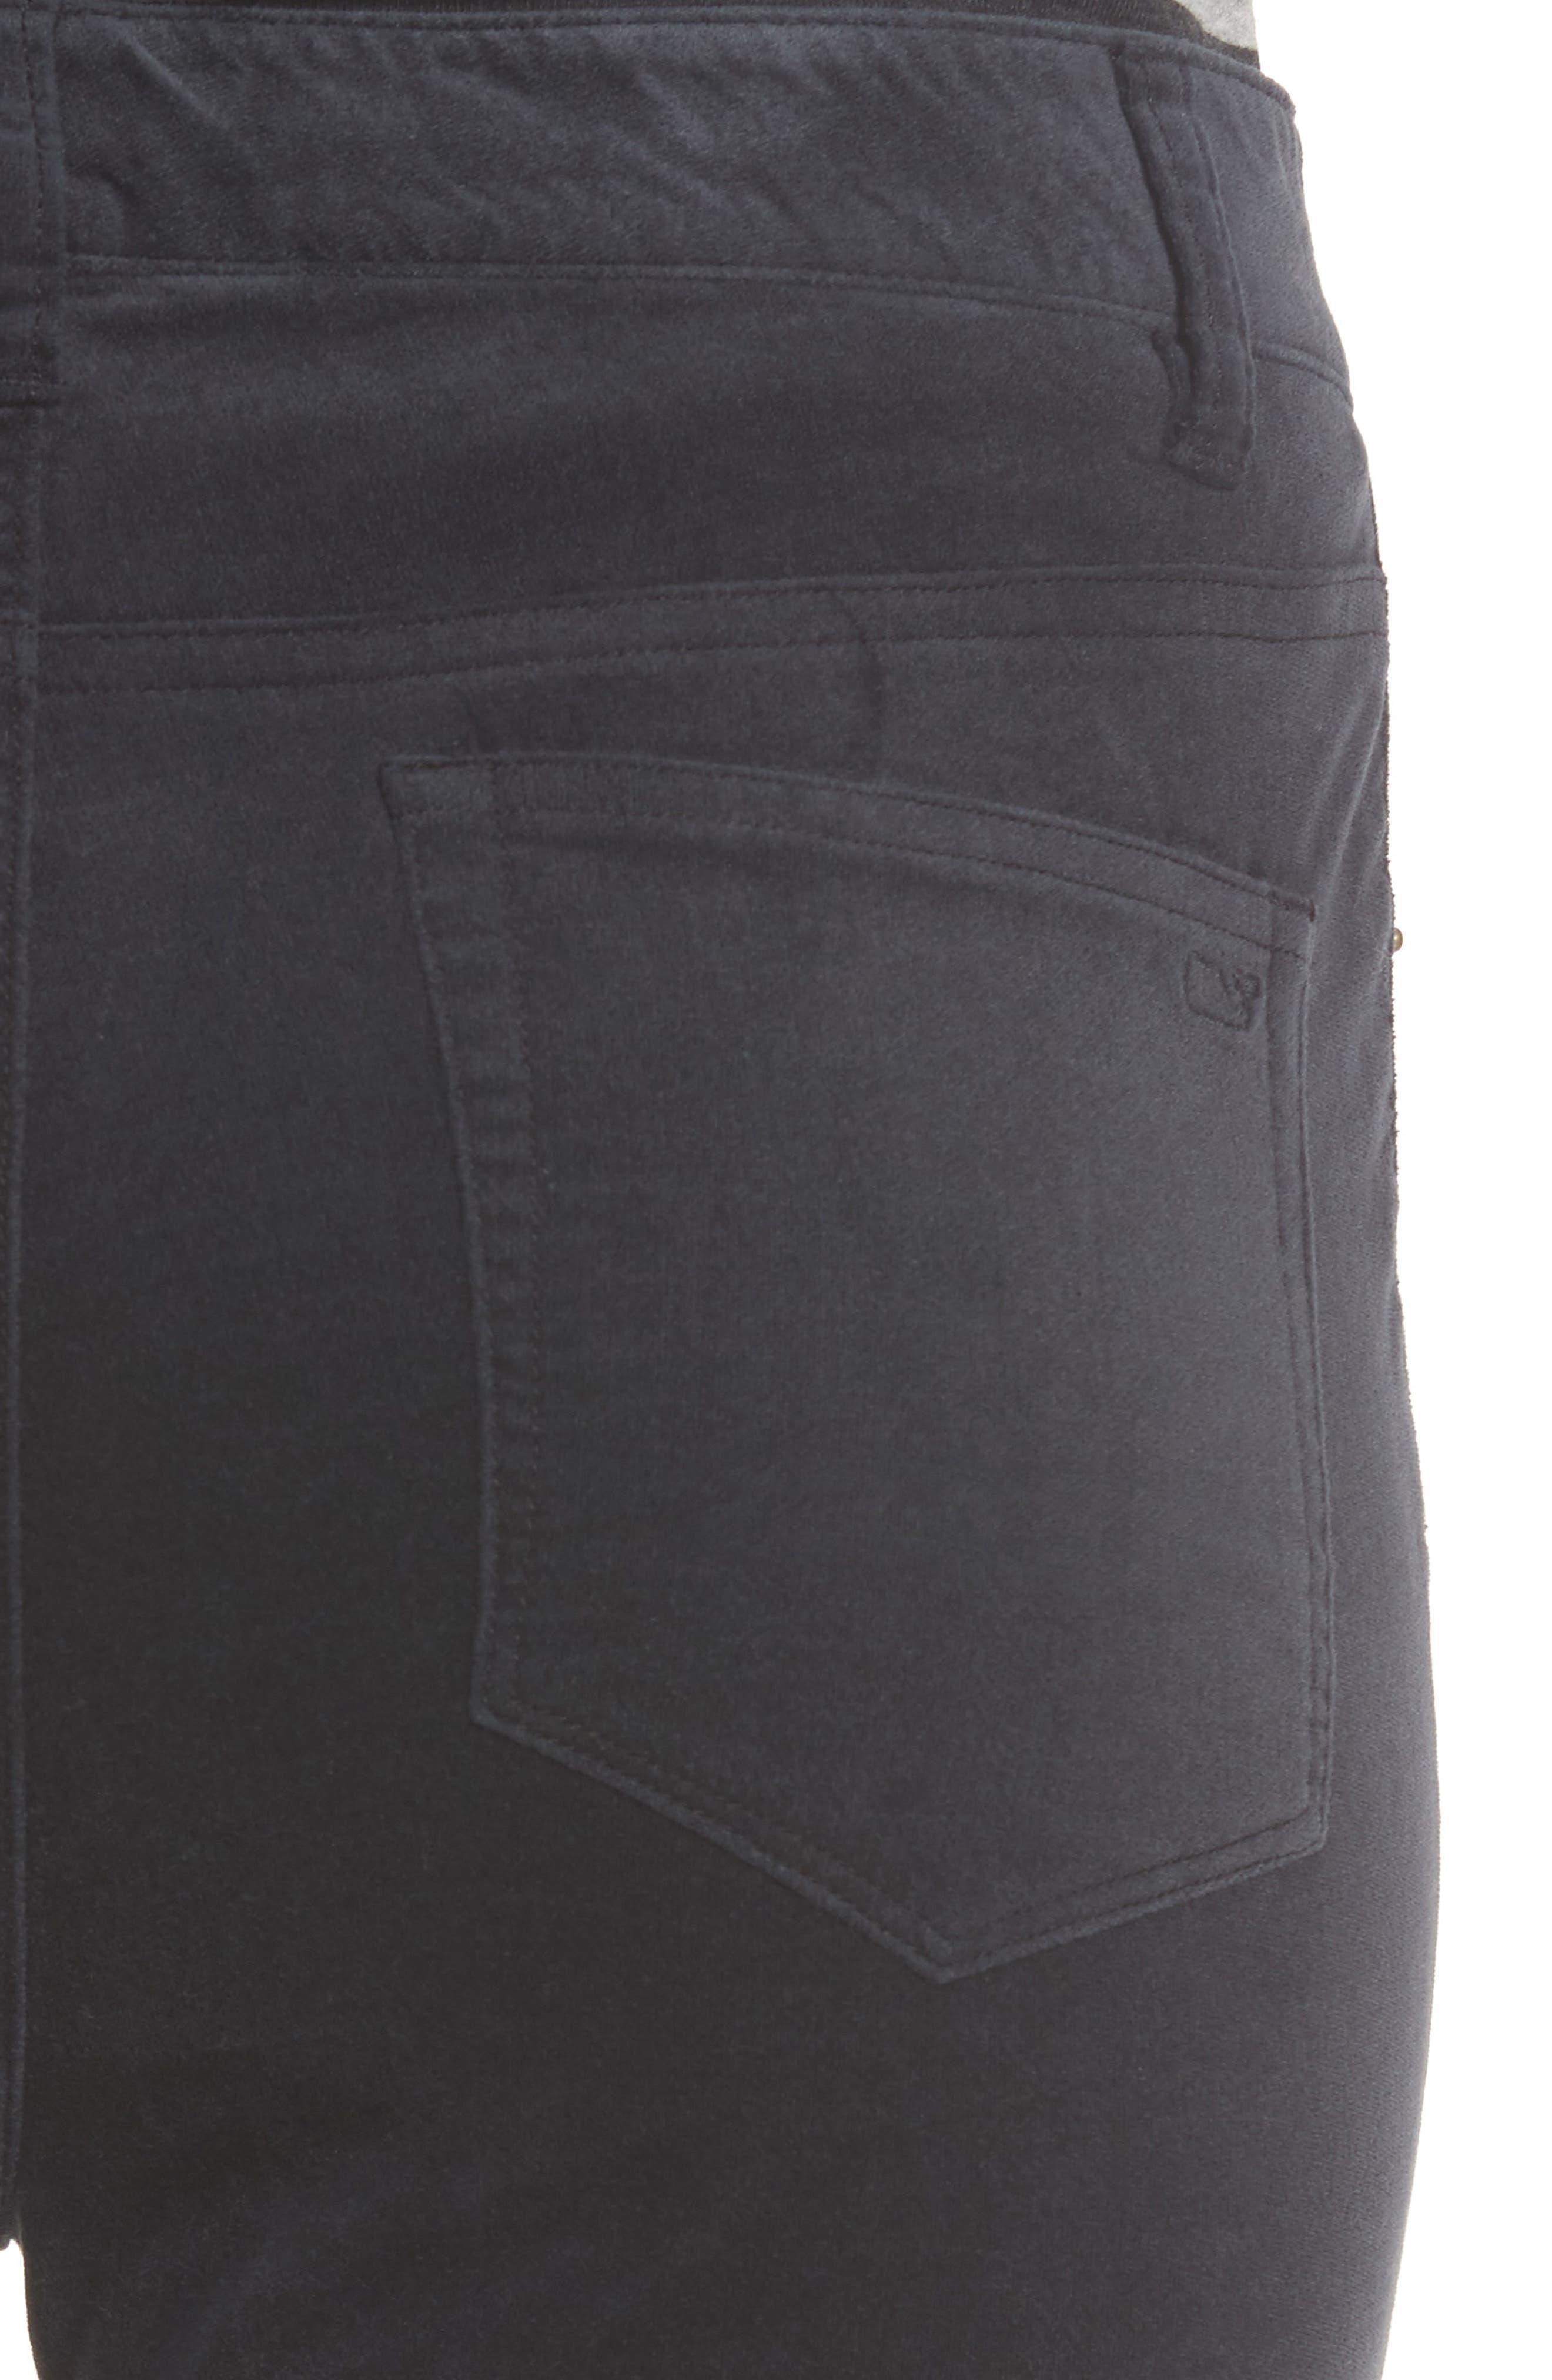 Velvet Skinny Jeans,                             Alternate thumbnail 4, color,                             002